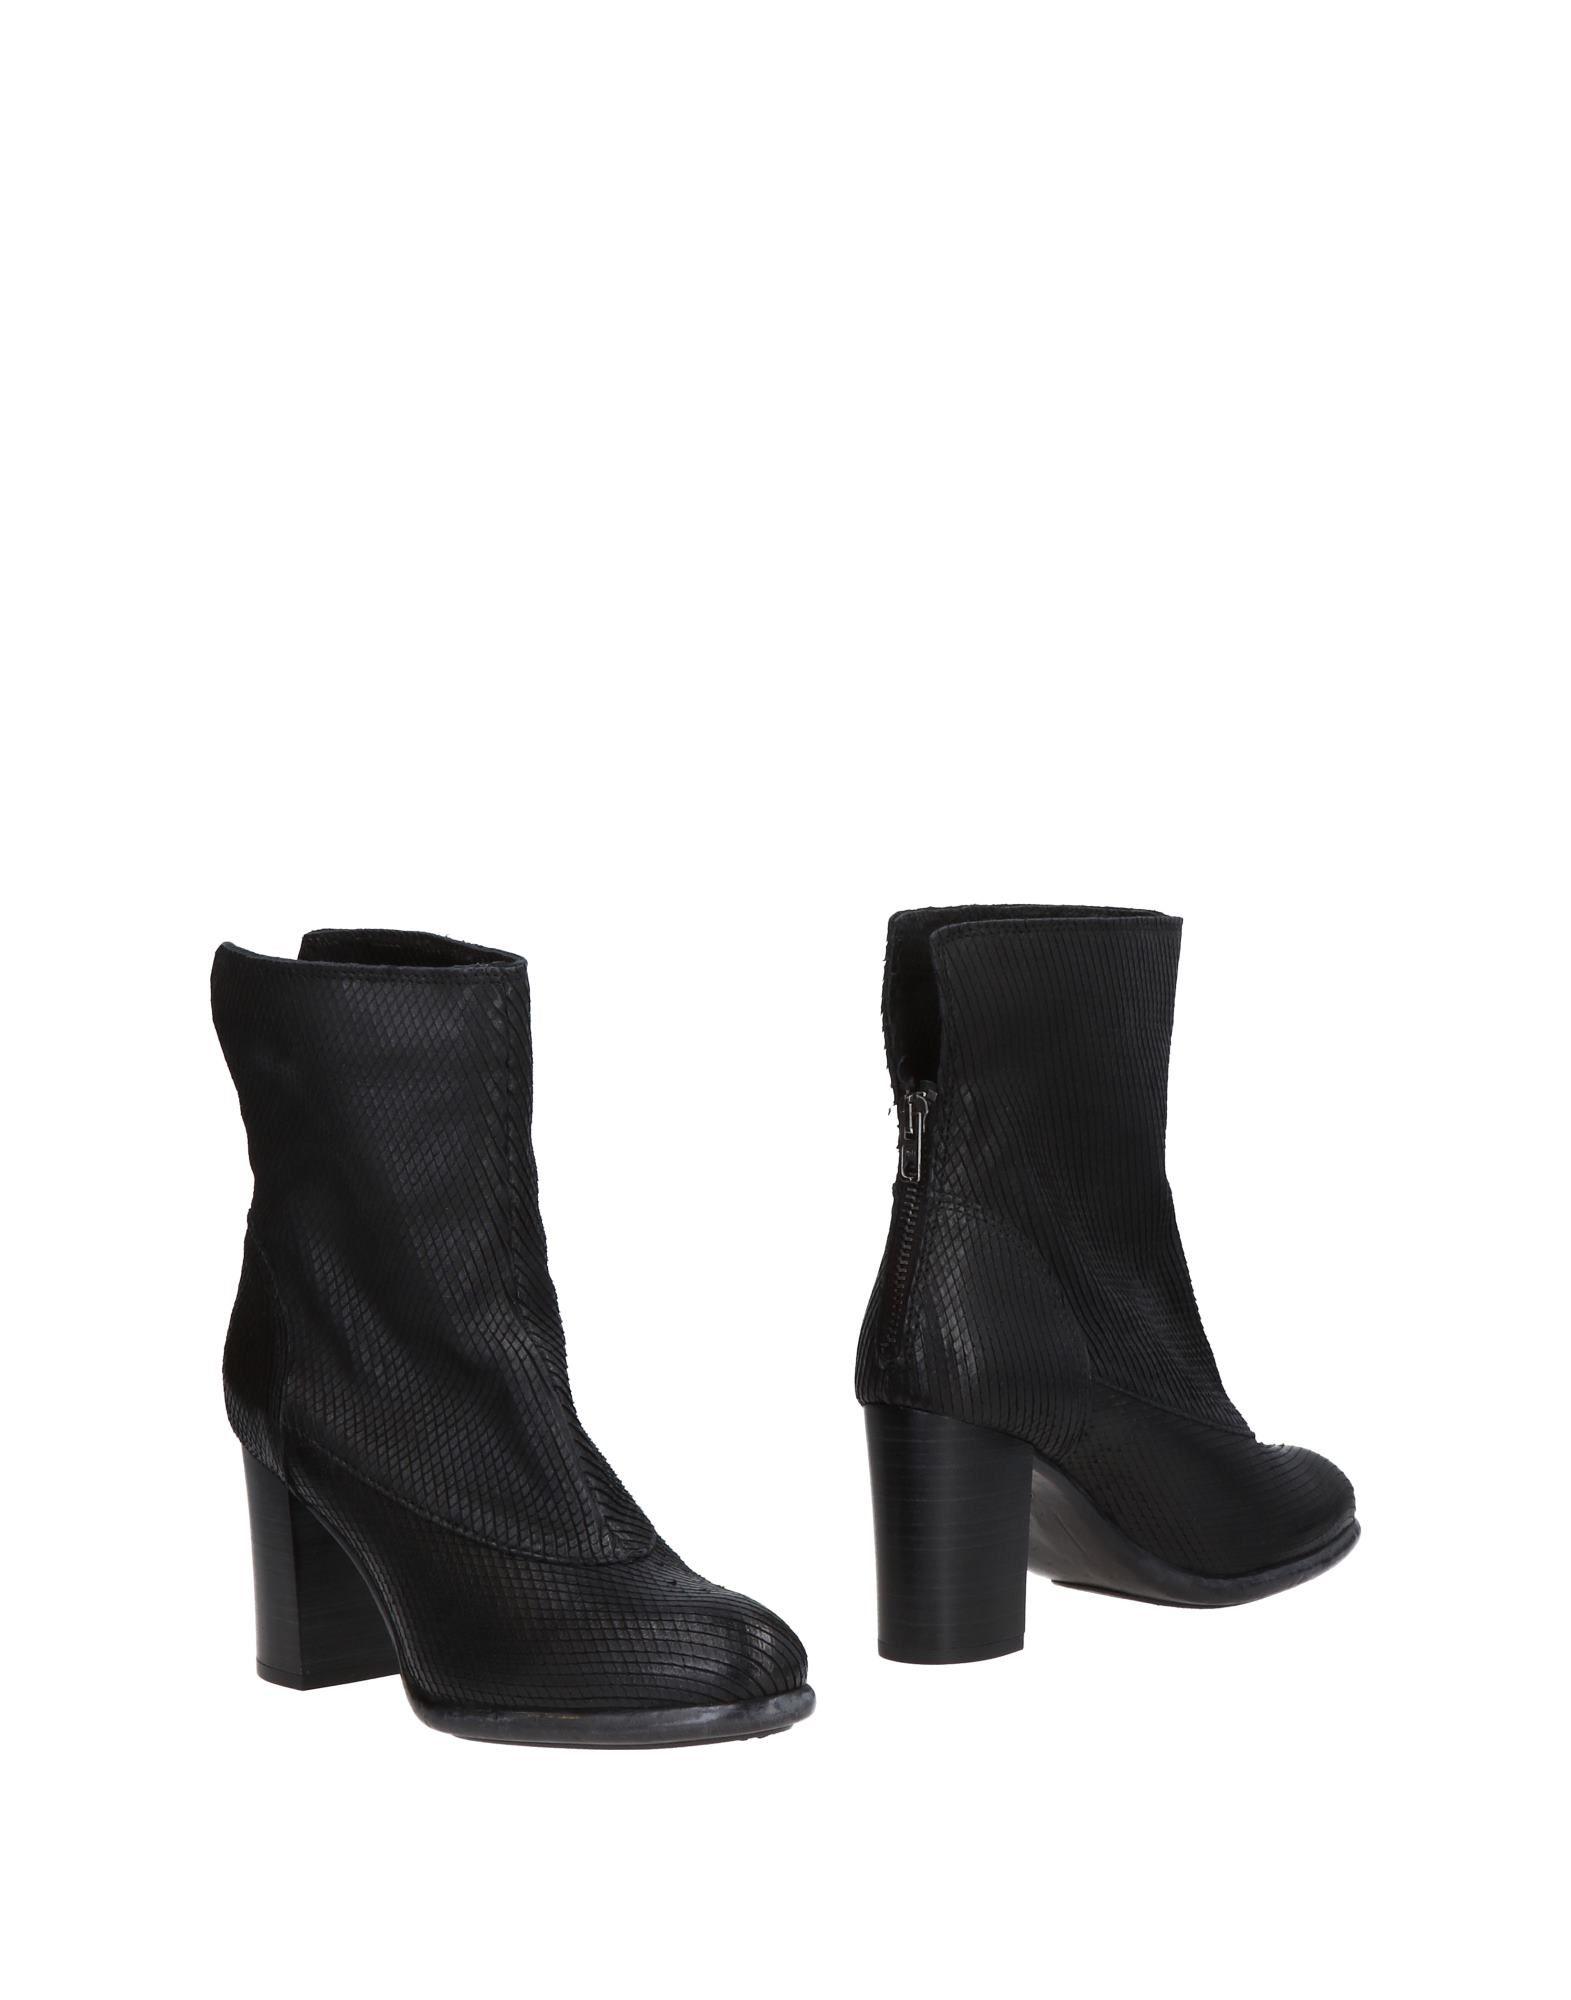 Fabbrica Deicolli Stiefelette Damen  11500993PN Gute Qualität beliebte Schuhe